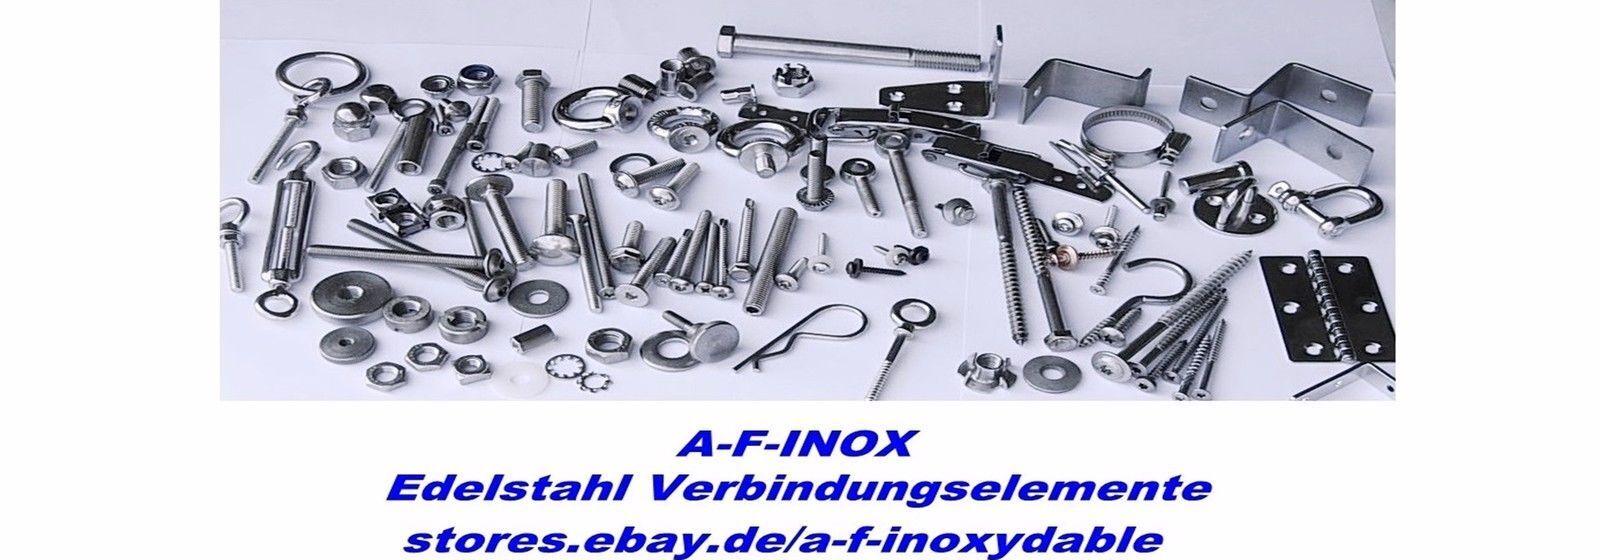 a-f-inox-2016